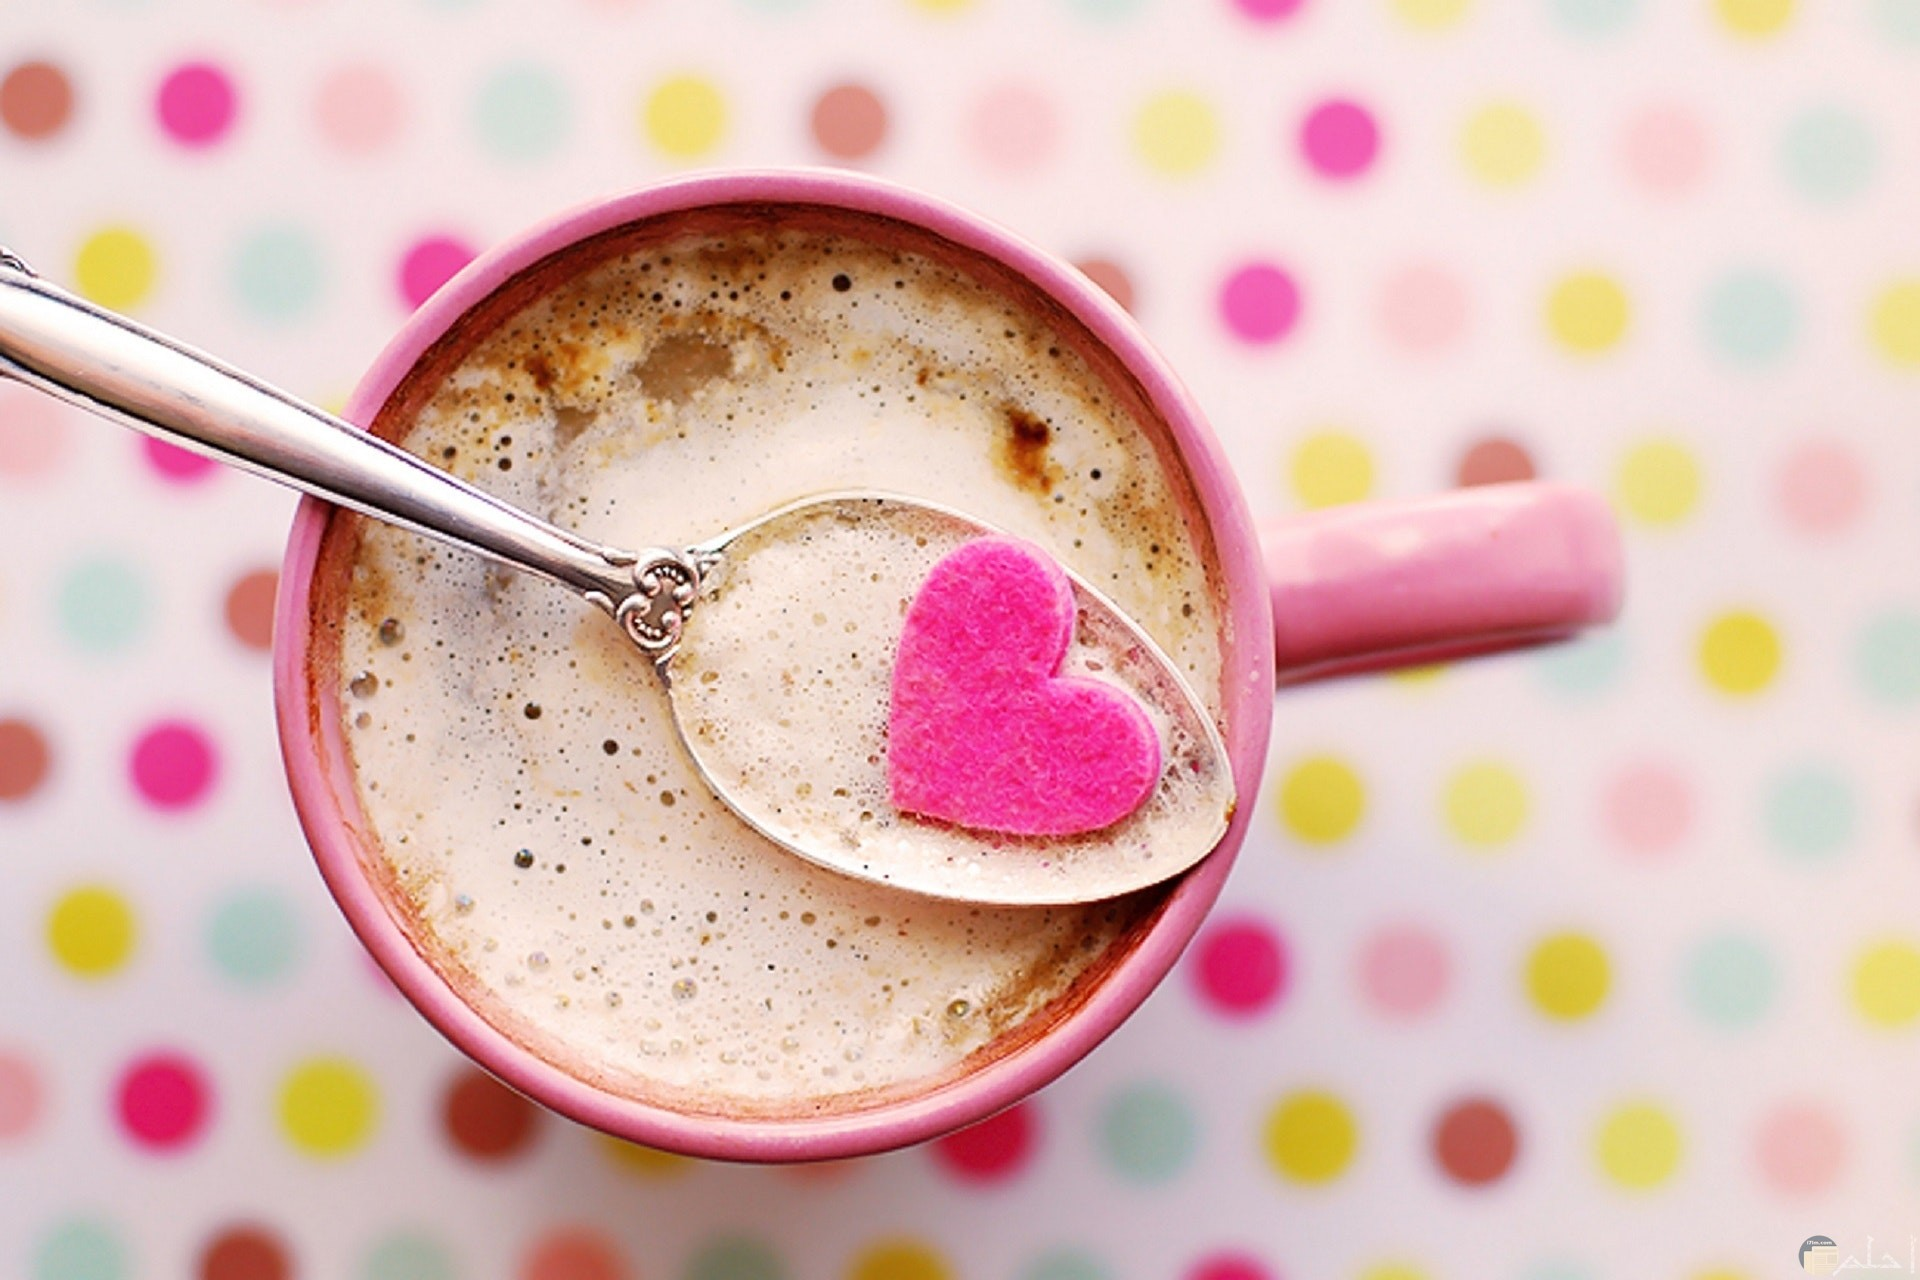 صورة جميلة لقلب باللون الوردي في معلقة موجودة داخل كوب زهري